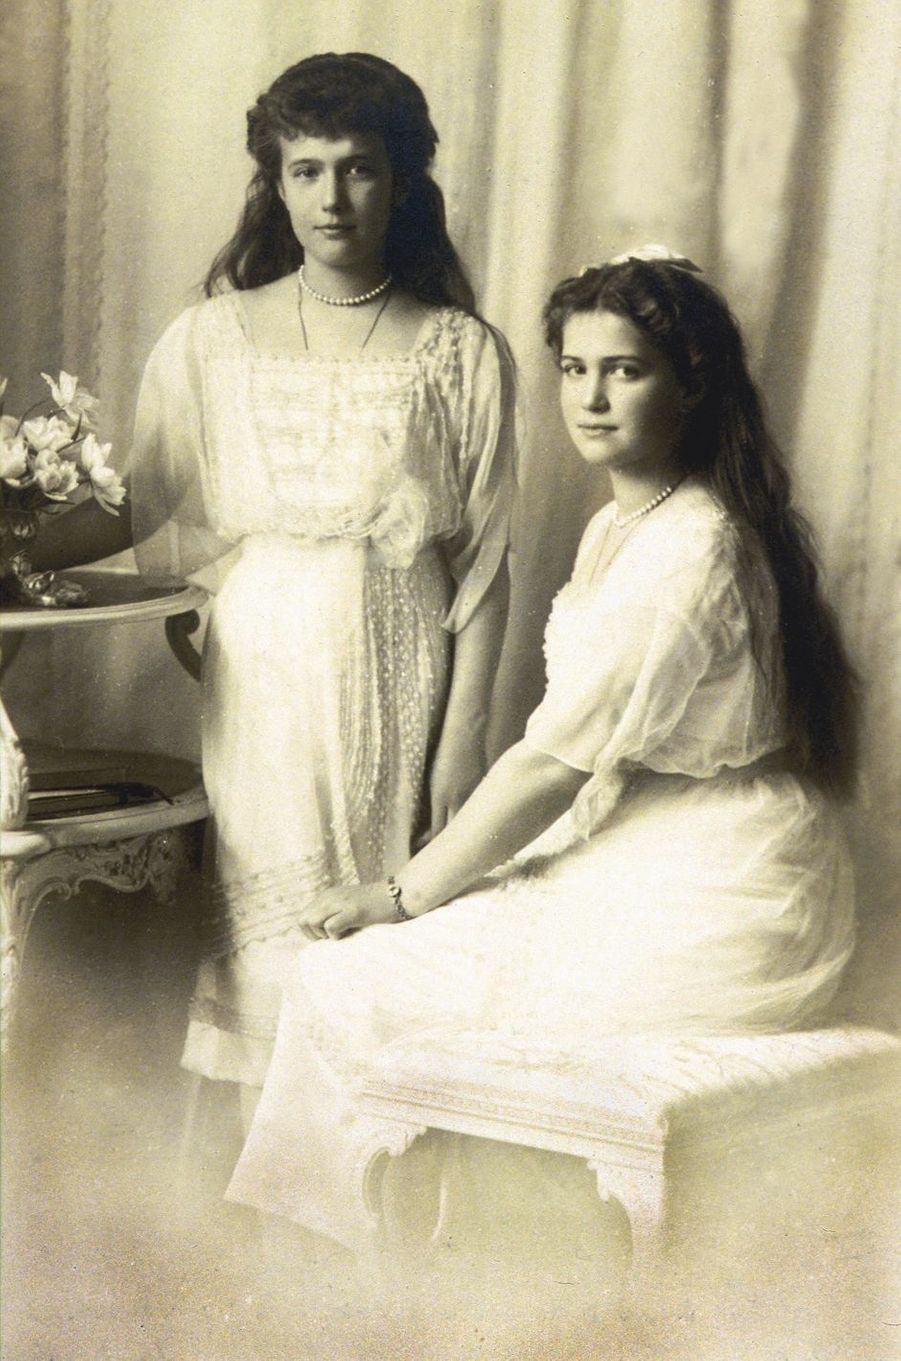 Les grandes-duchesses Anastasia et Maria de Russie en 1915 ou 1916